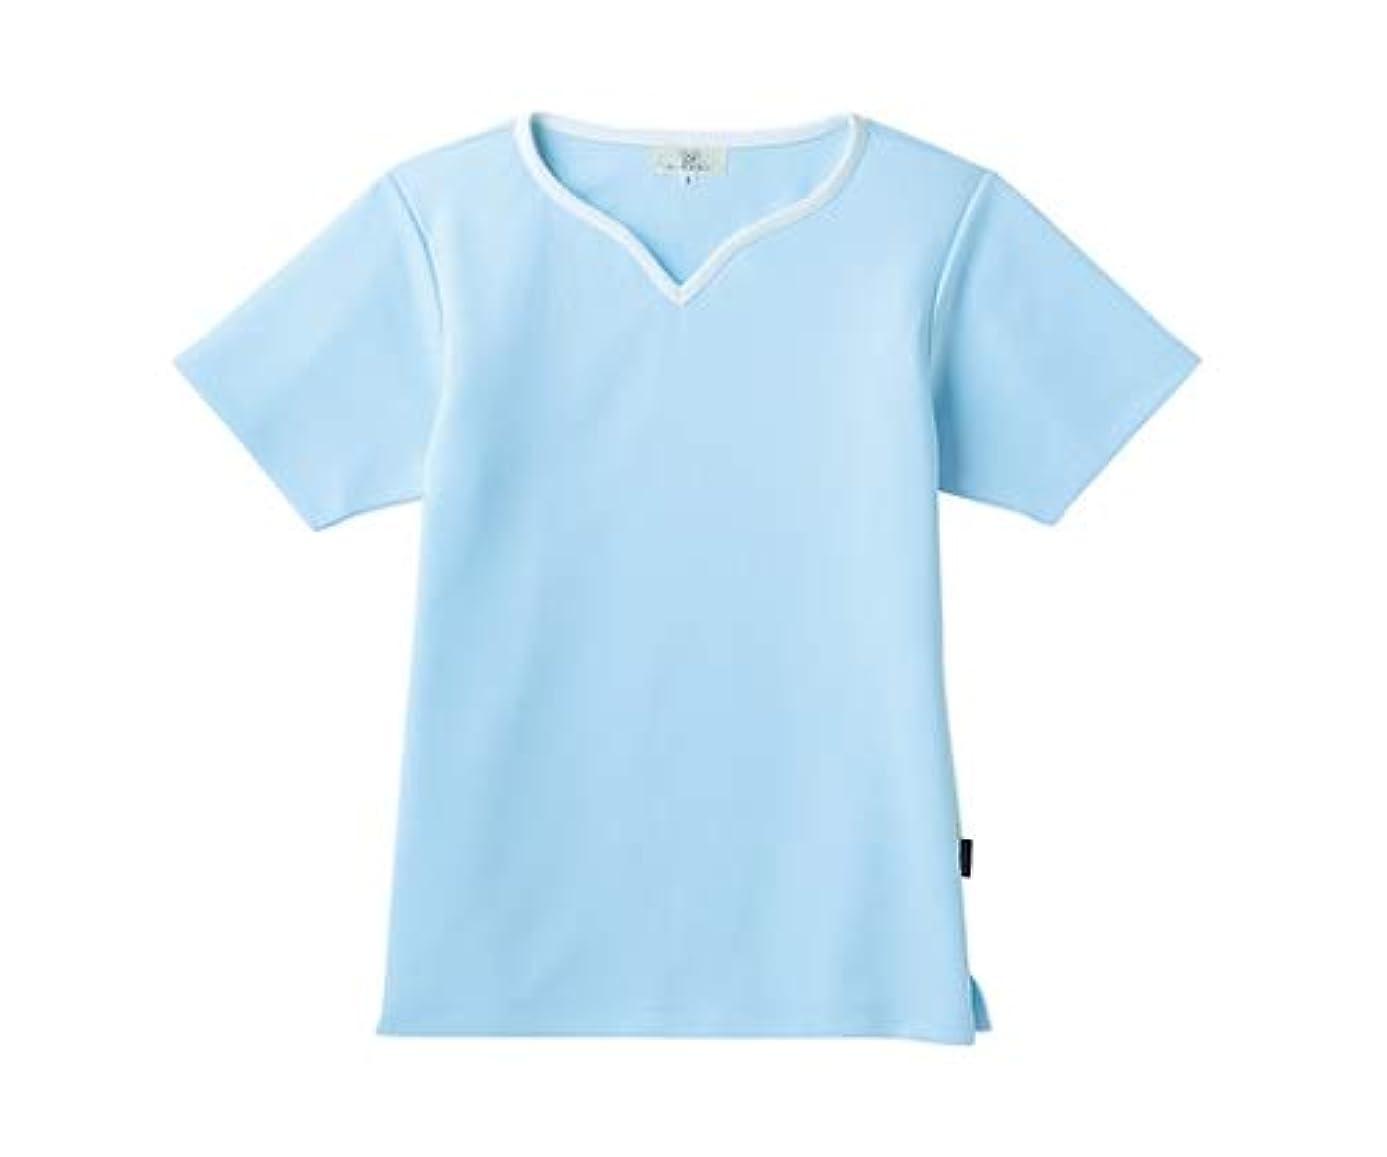 買い物に行く強制的退屈トンボ/KIRAKU レディス入浴介助用シャツ CR161 M サックス